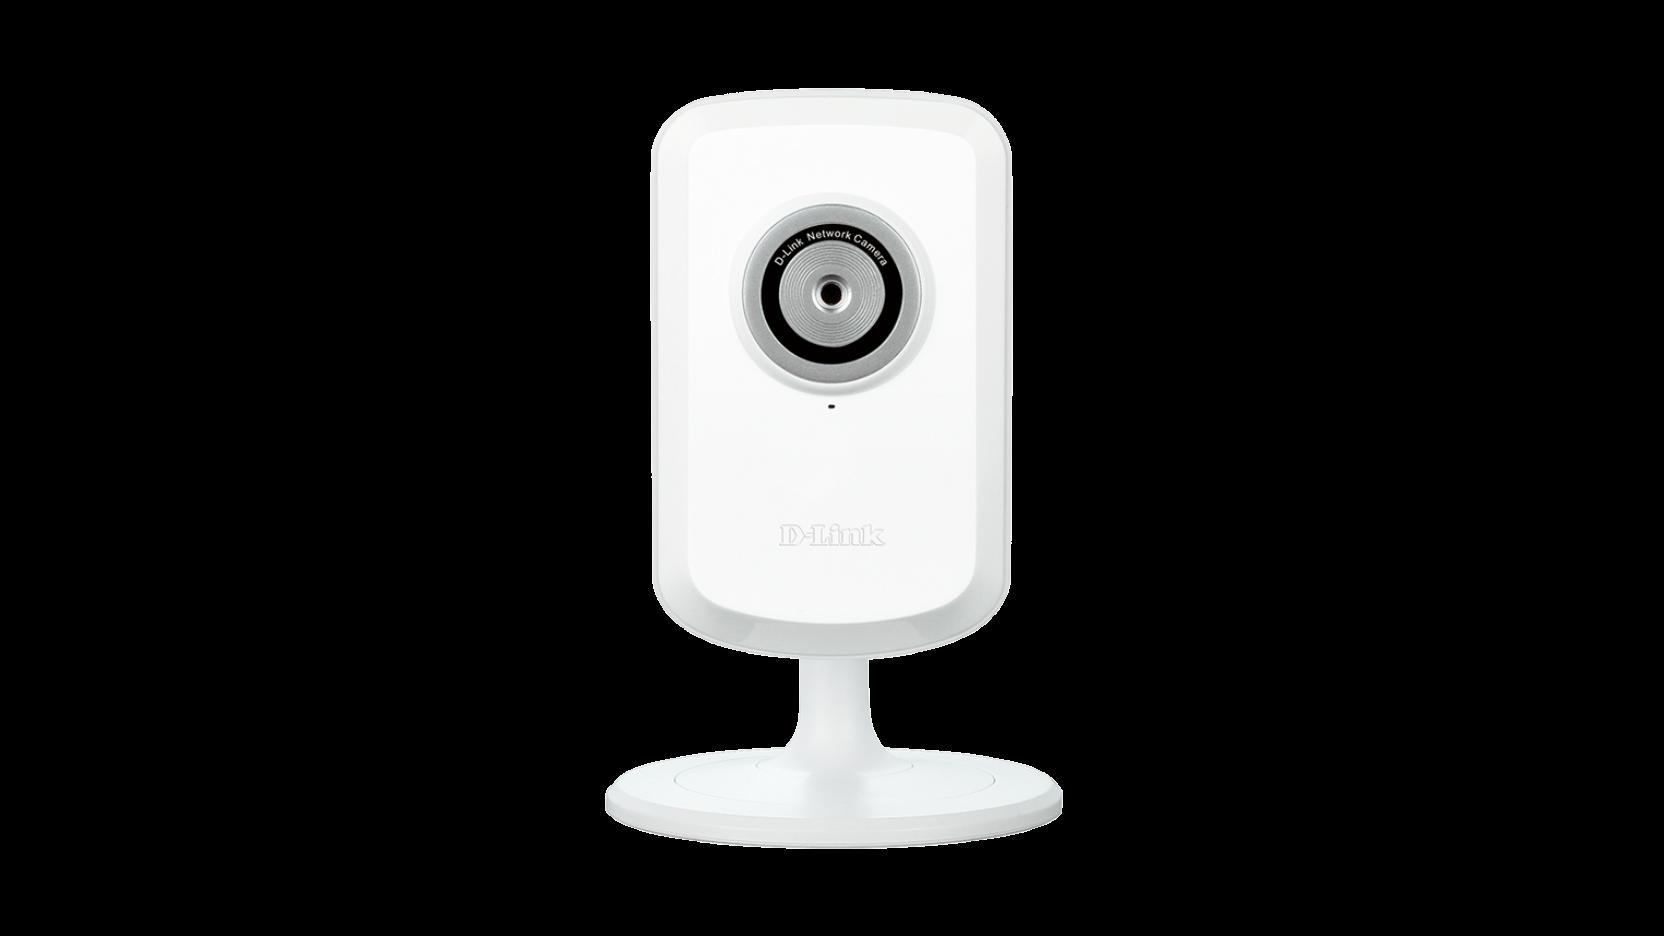 D-Link DCS-930L Network Camera Driver (2019)